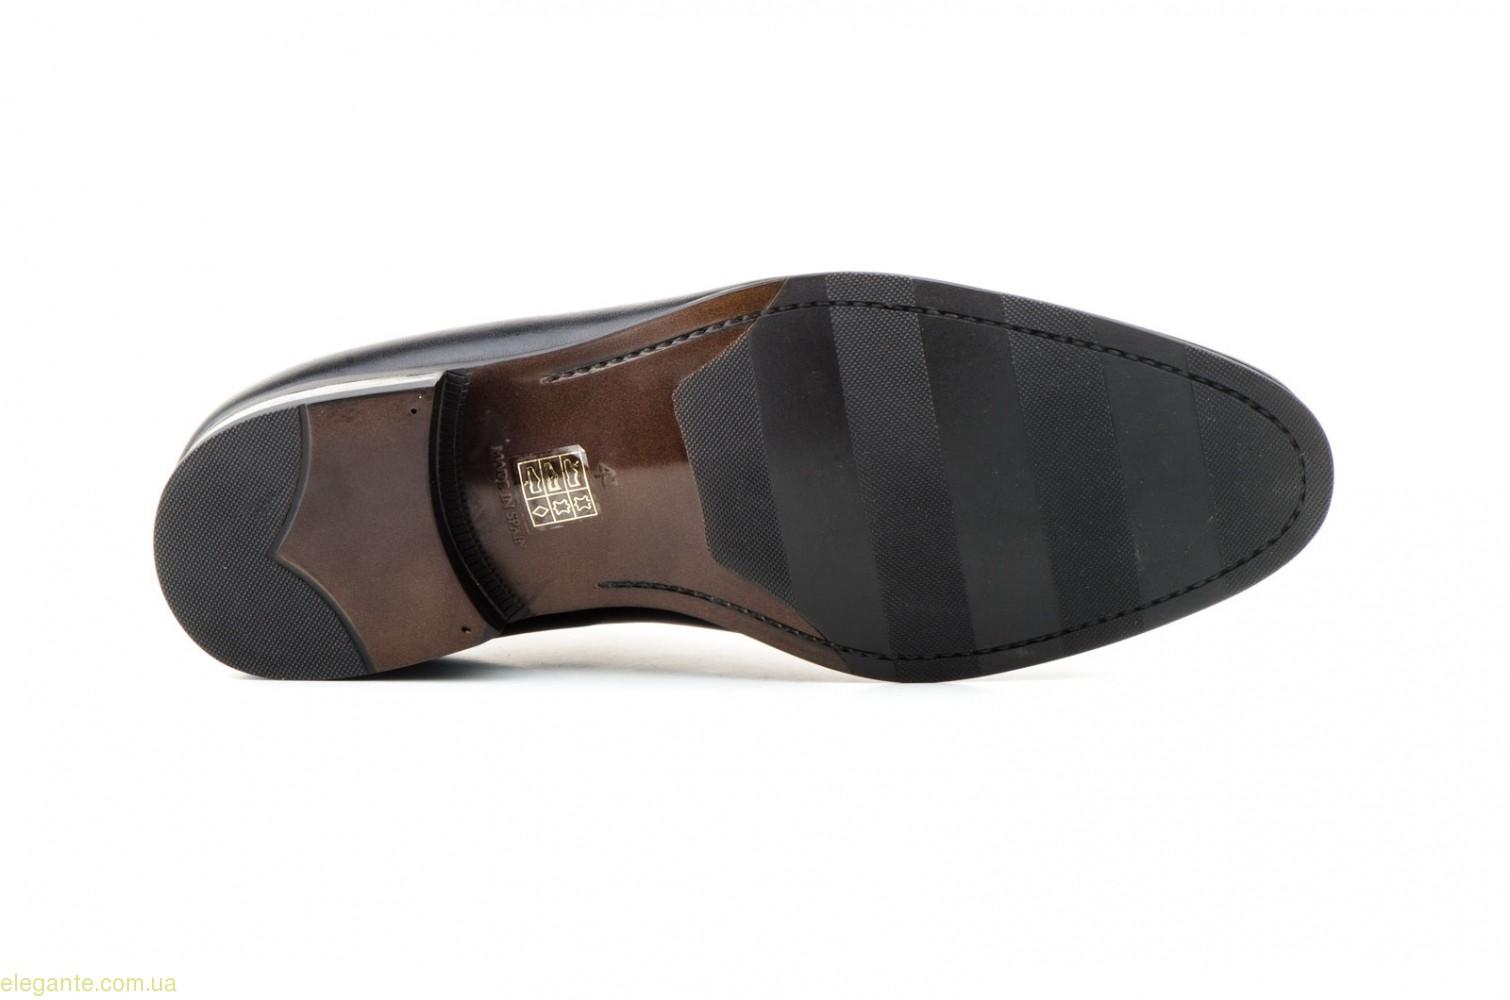 Чоловічі шкіряні туфлі Carlo Garelli чорні 0